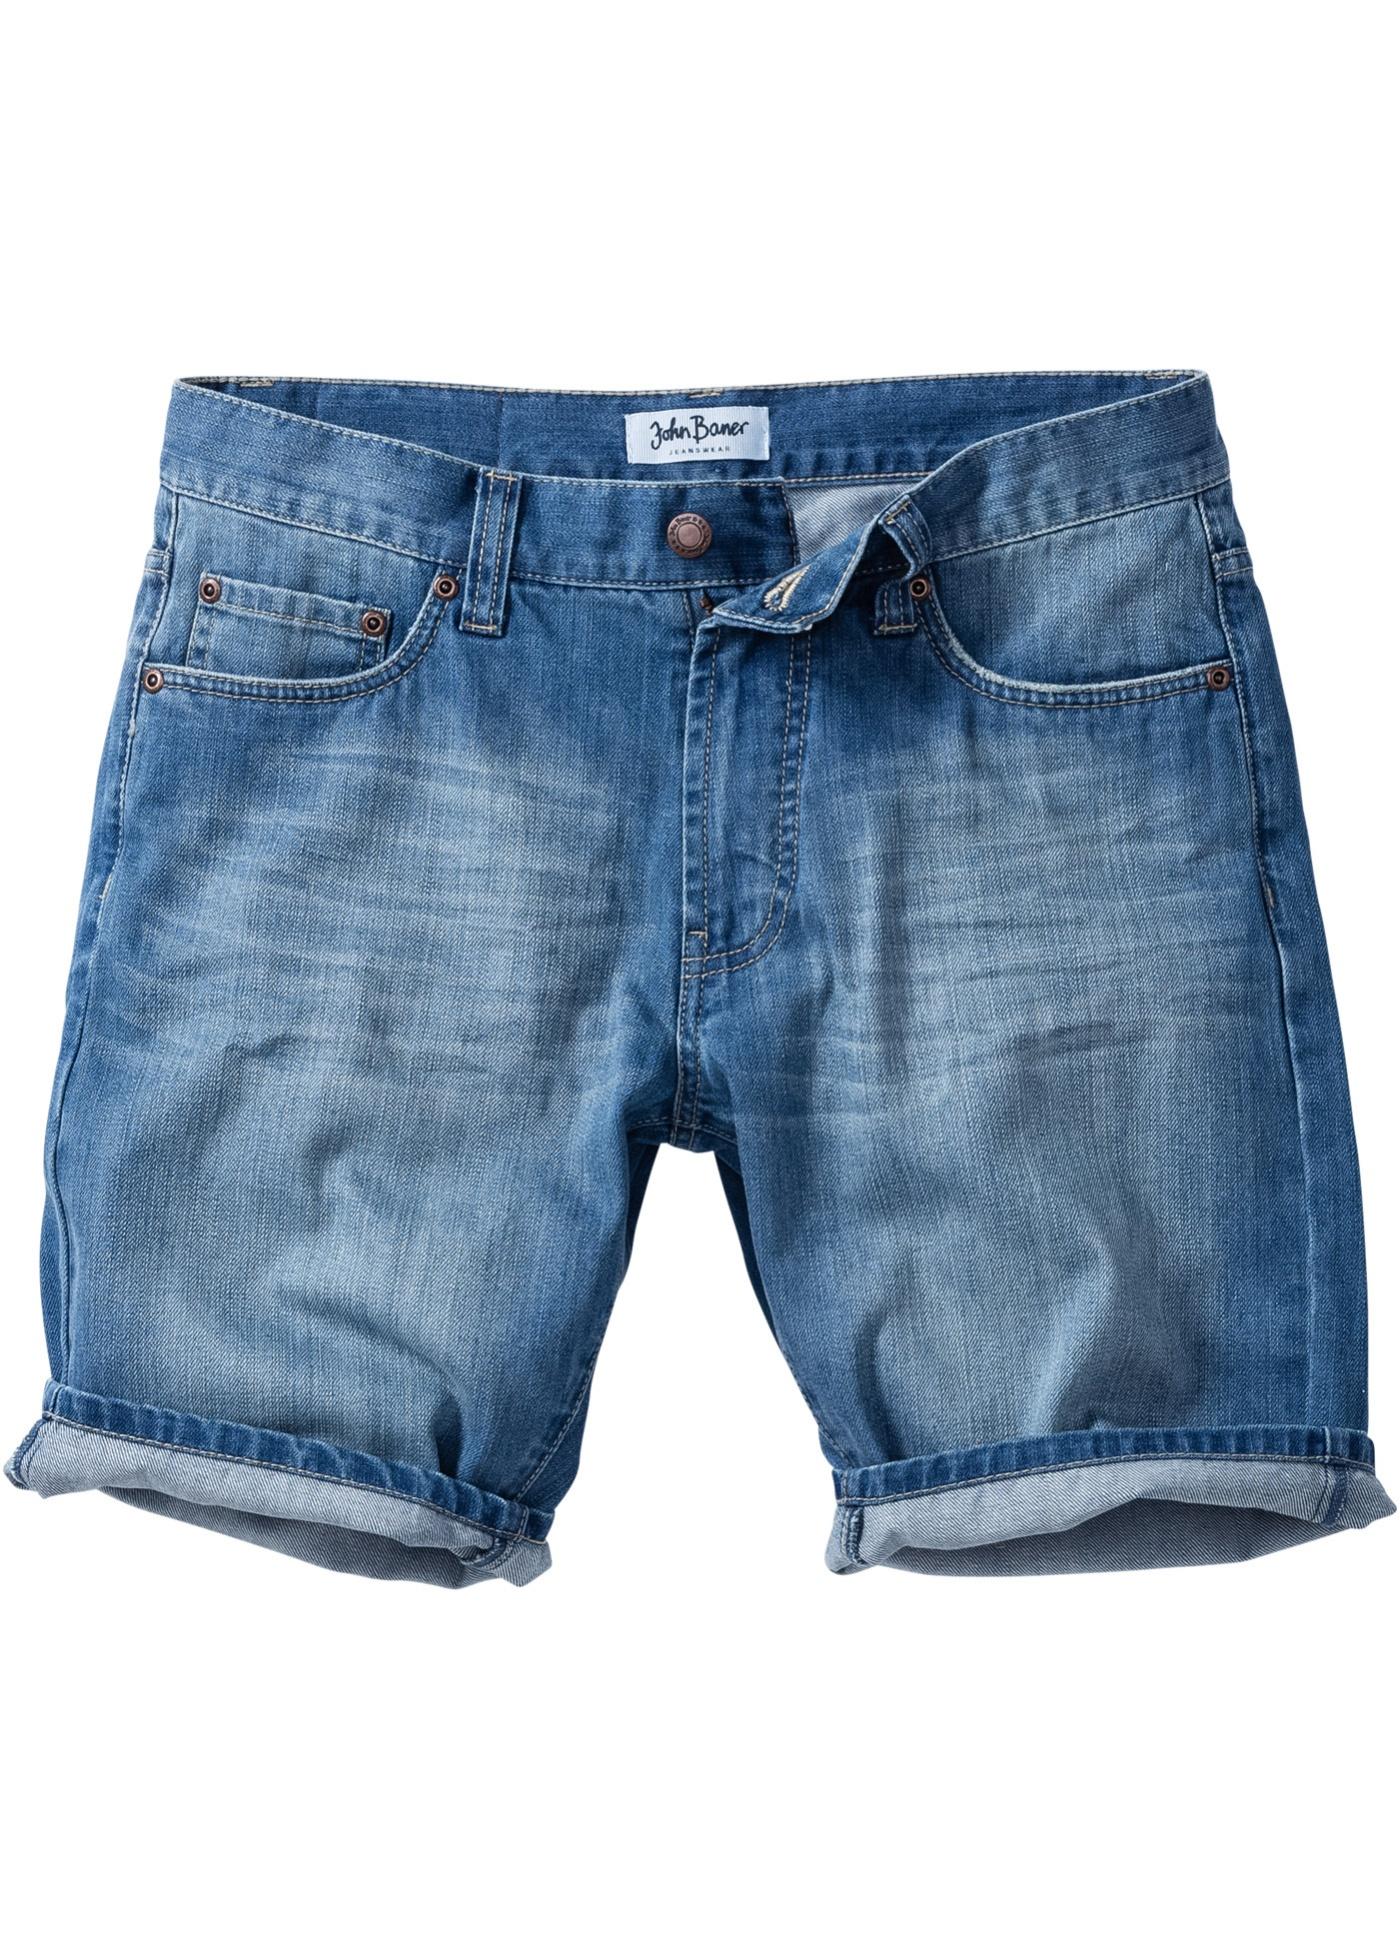 Bermuda di jeans  Blu  -